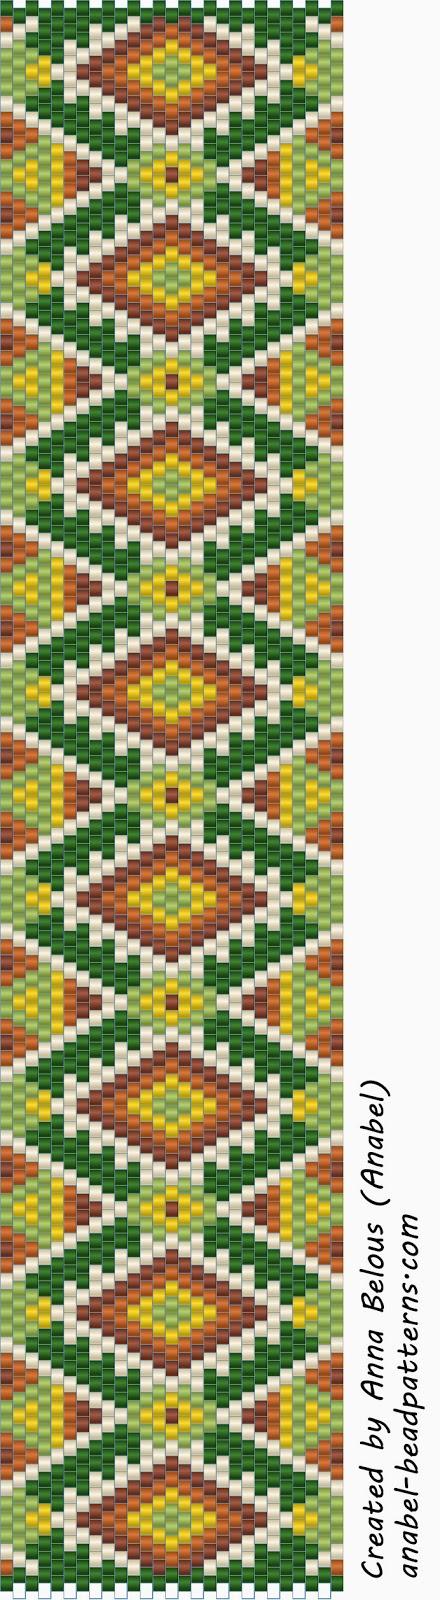 Схема браслета - мозаичное